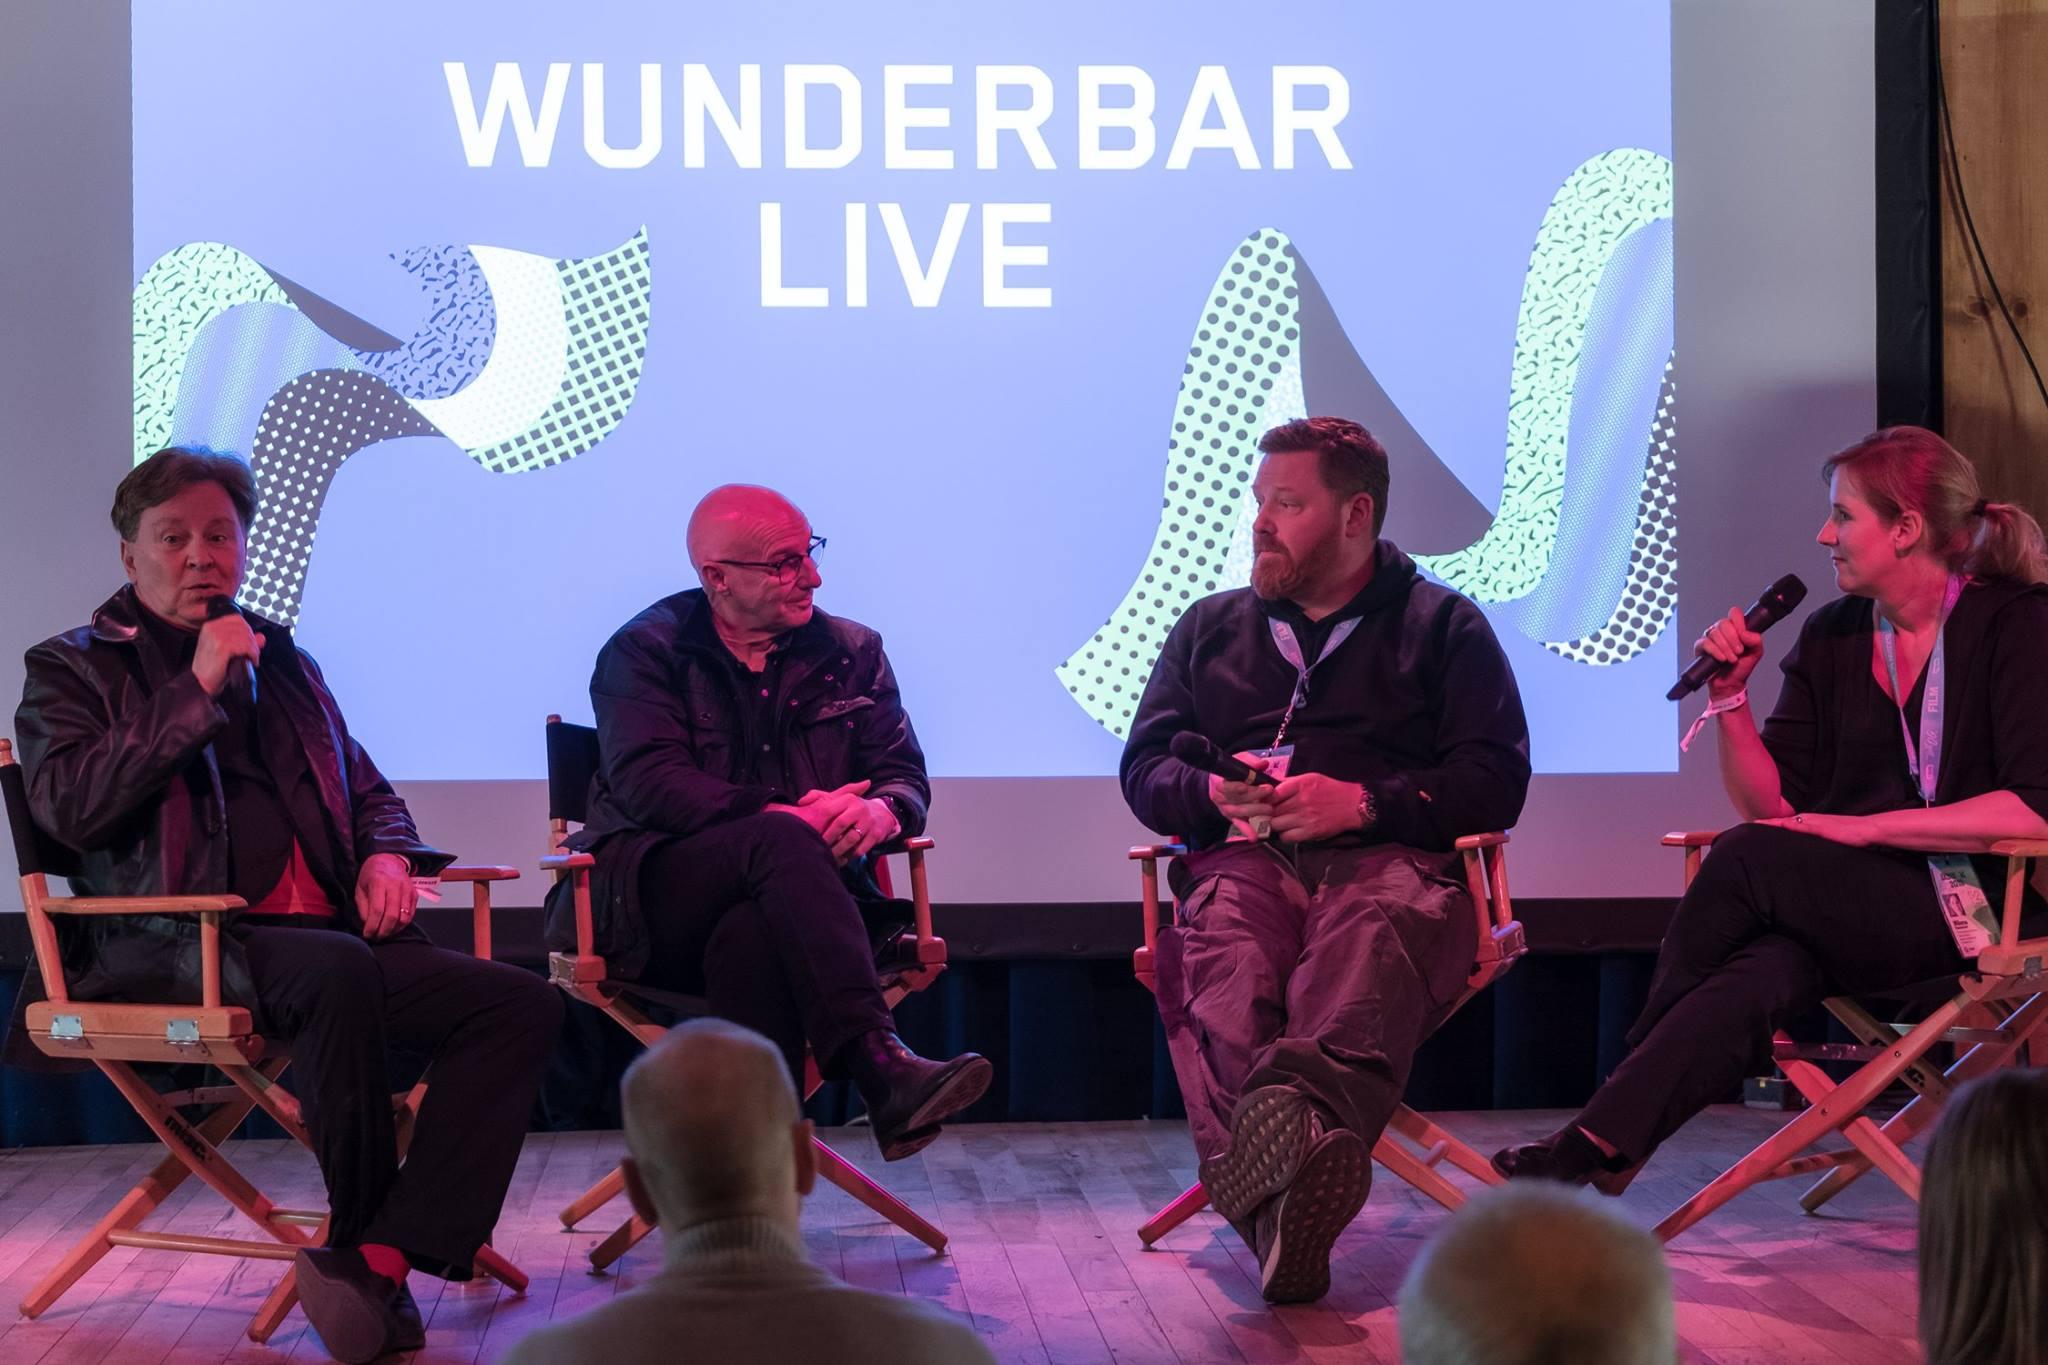 WUNDERBAR - CONNY PLANK Q & A